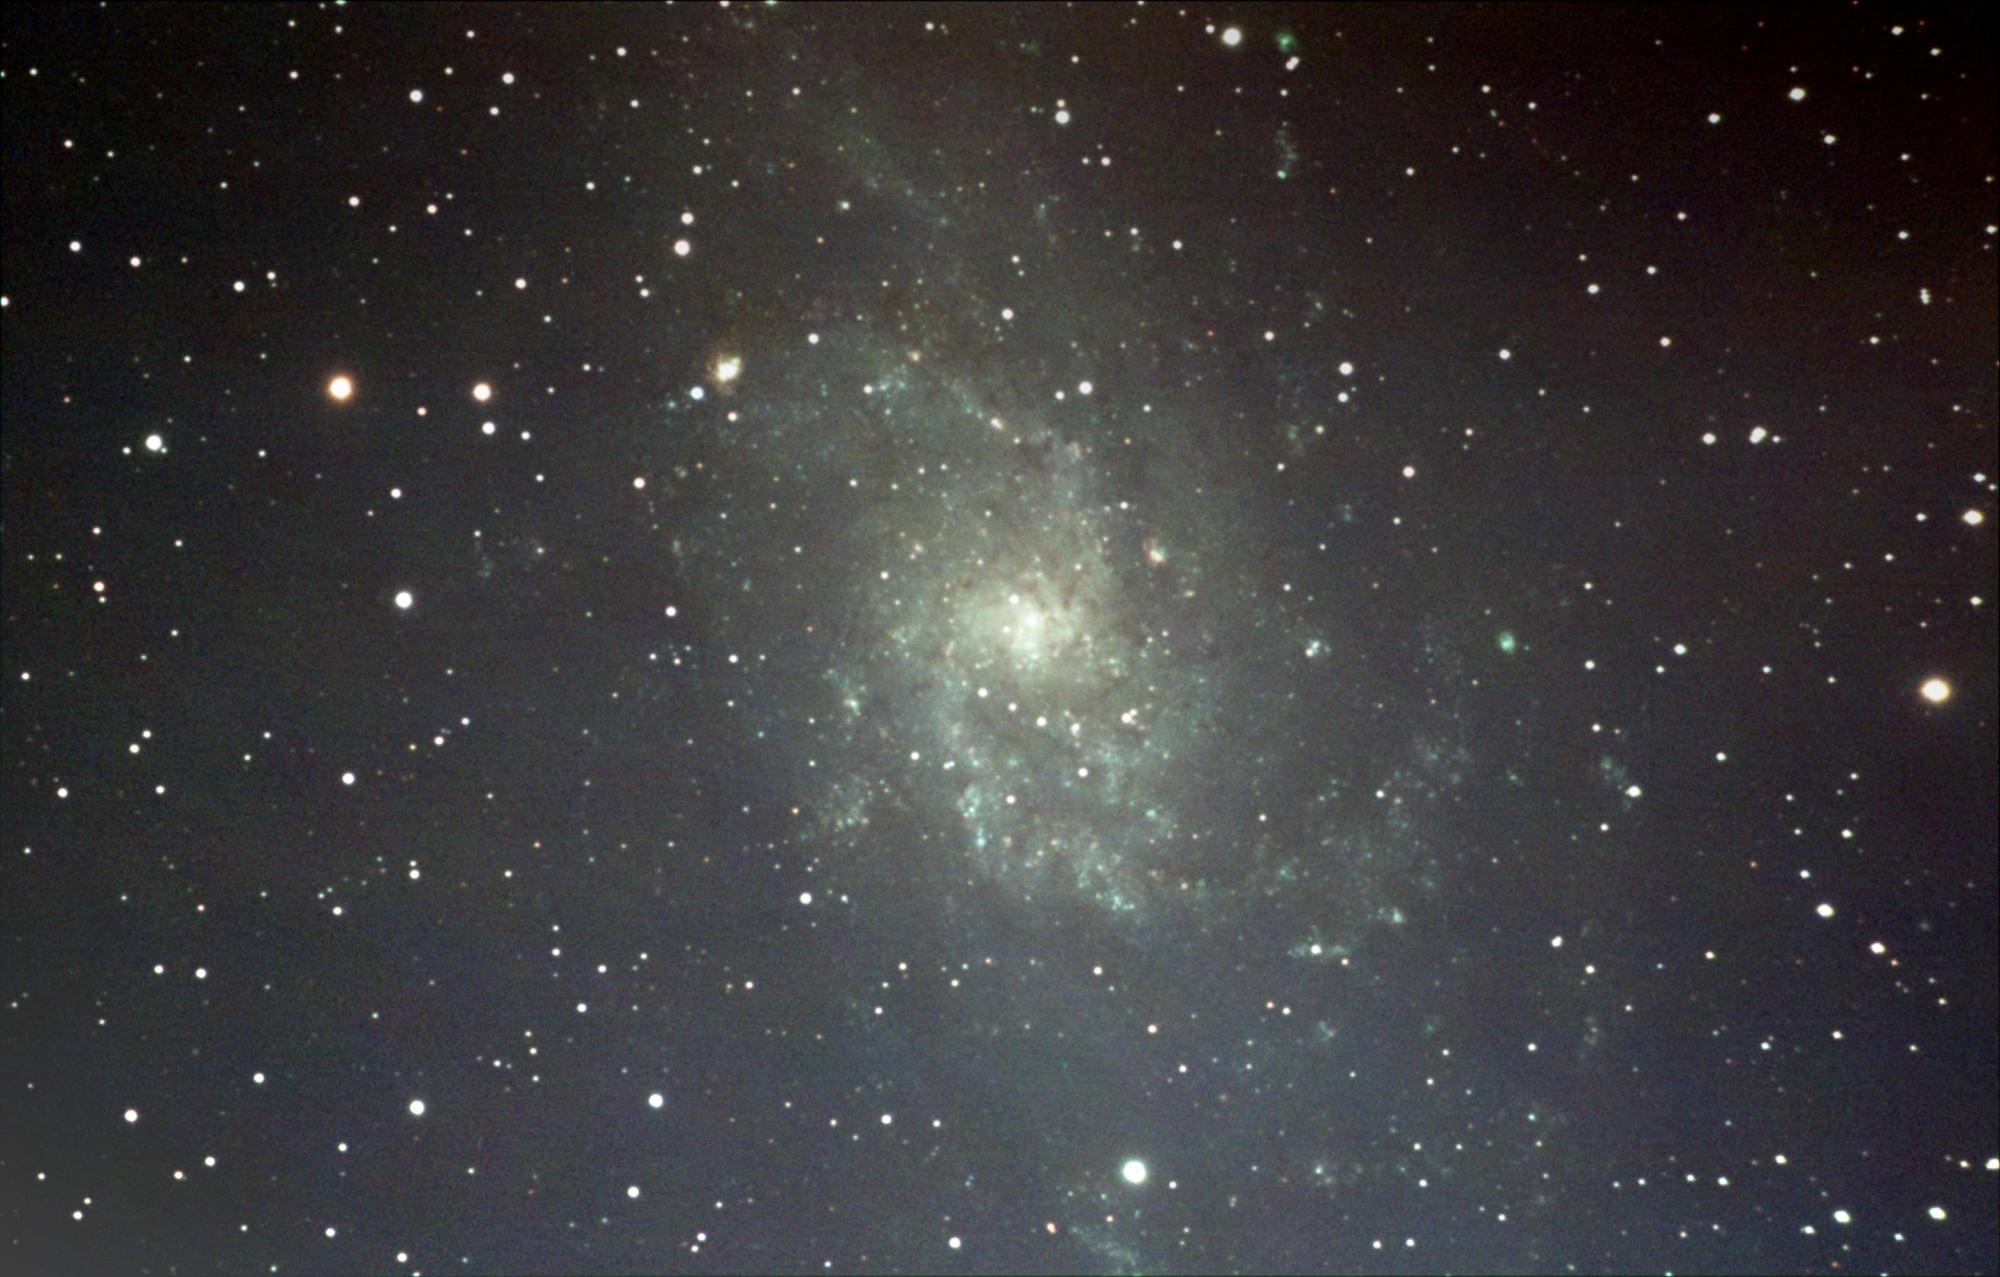 M33_Triangle_4nights_DSS2psp_3.thumb.jpg.b1830aabddf9ba7f26292c099fef8f94.jpg